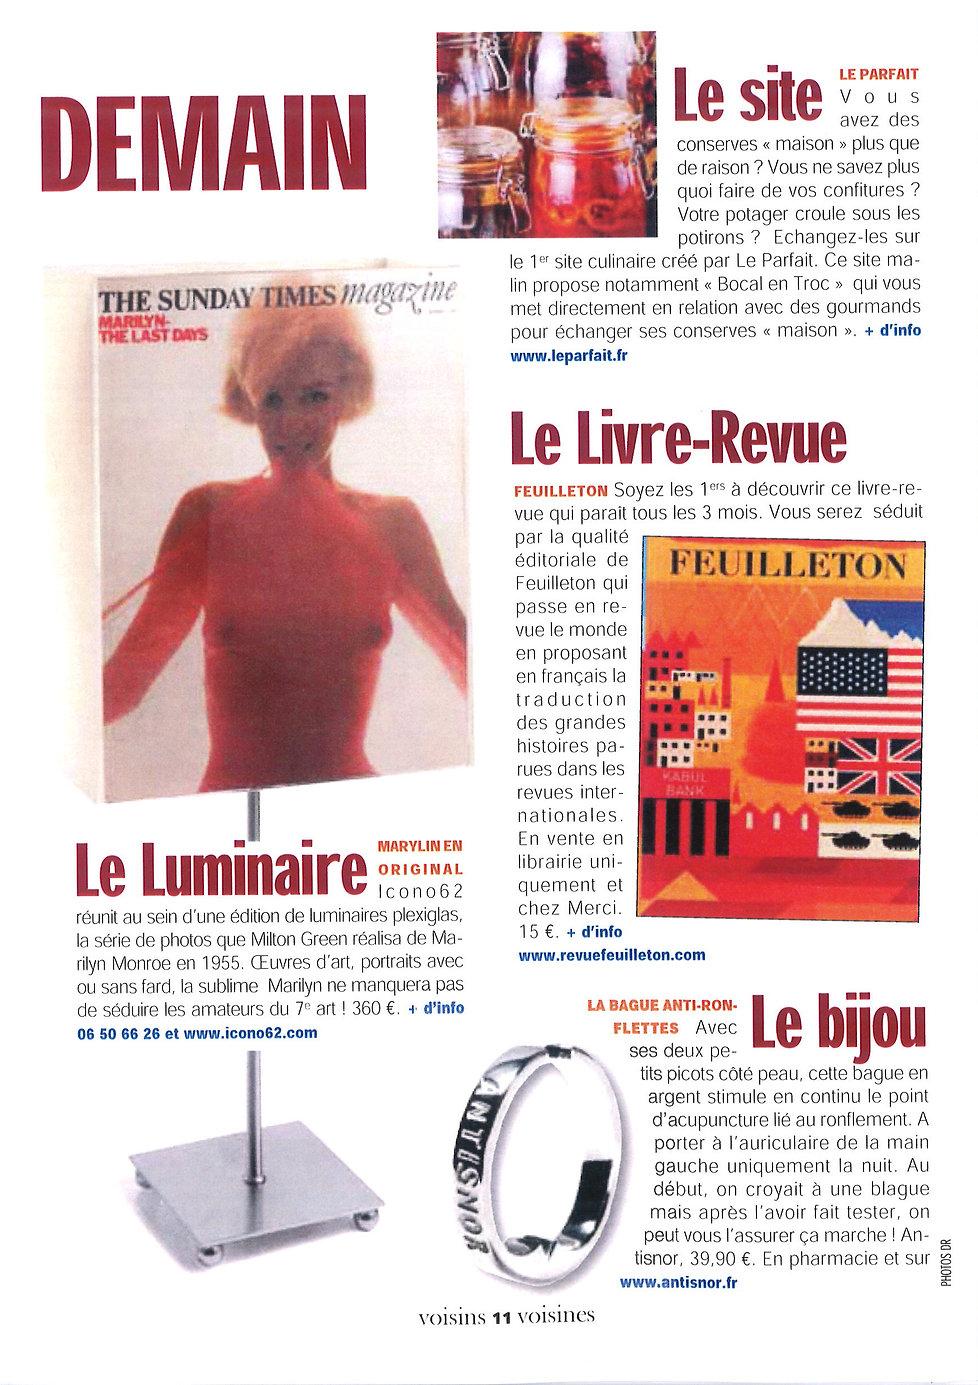 Voisins_Voisines_(Grand_Paris)_-_Hiver__